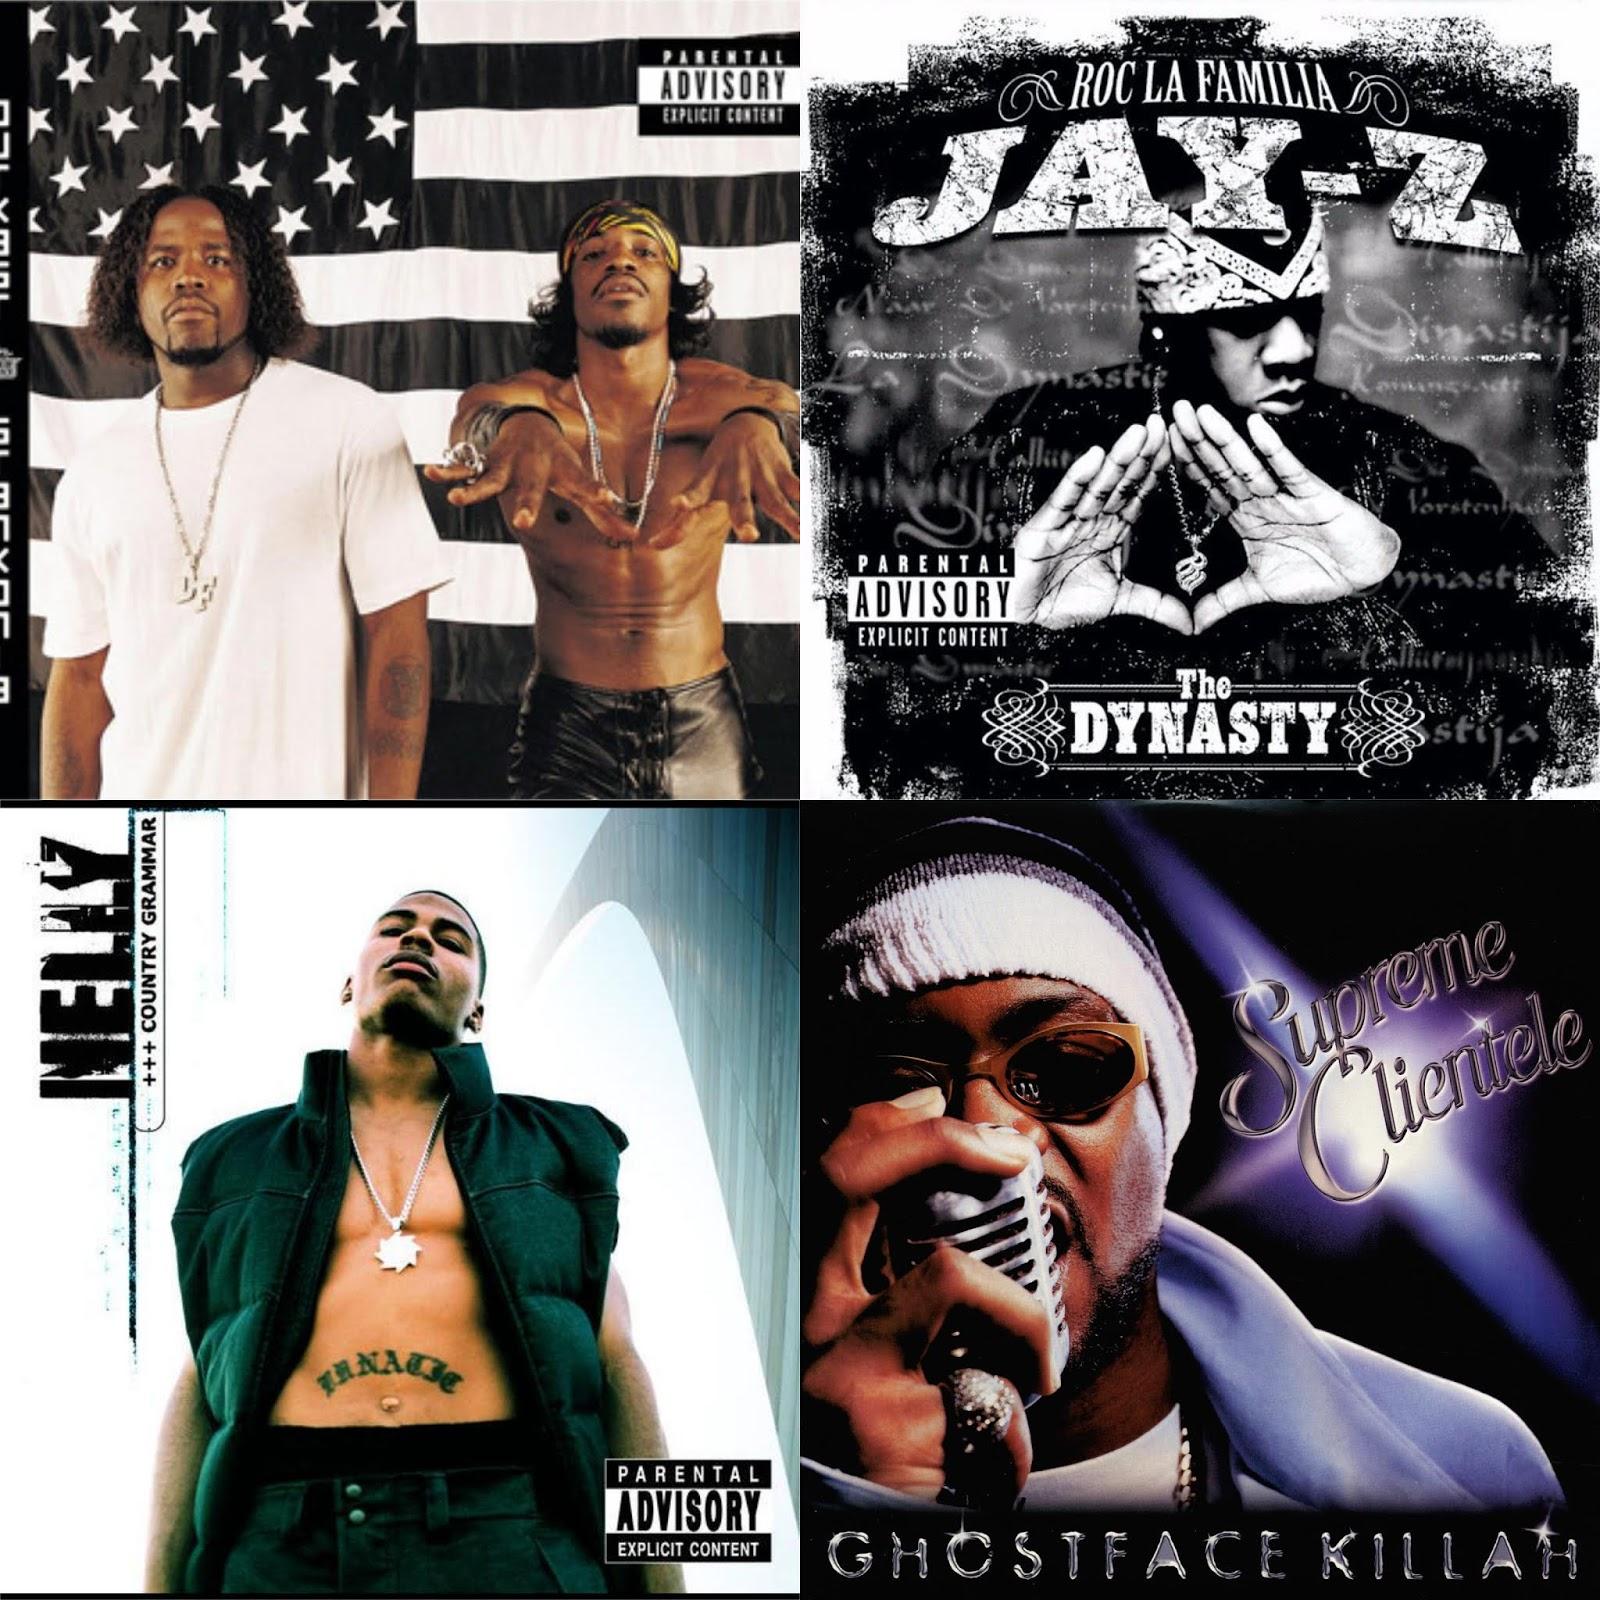 DAR Hip Hop: Pros And Cons Of 5 Albums From 2000 - DefineARevolution com